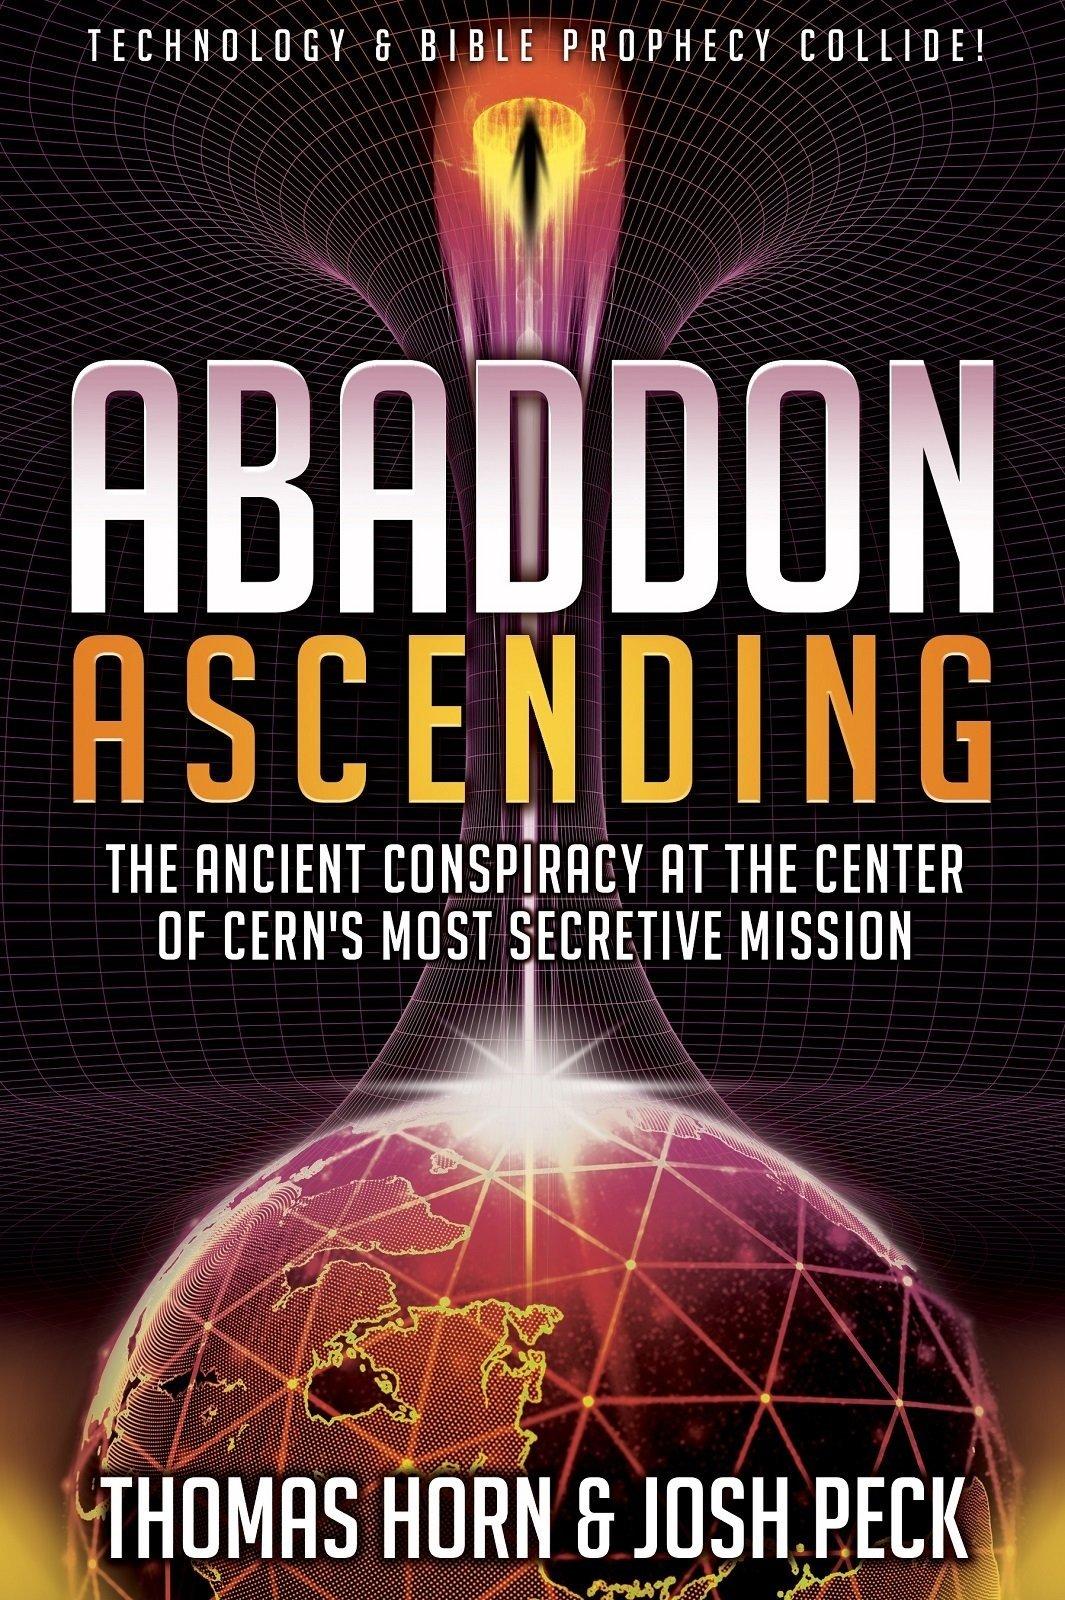 abaddon-ascending